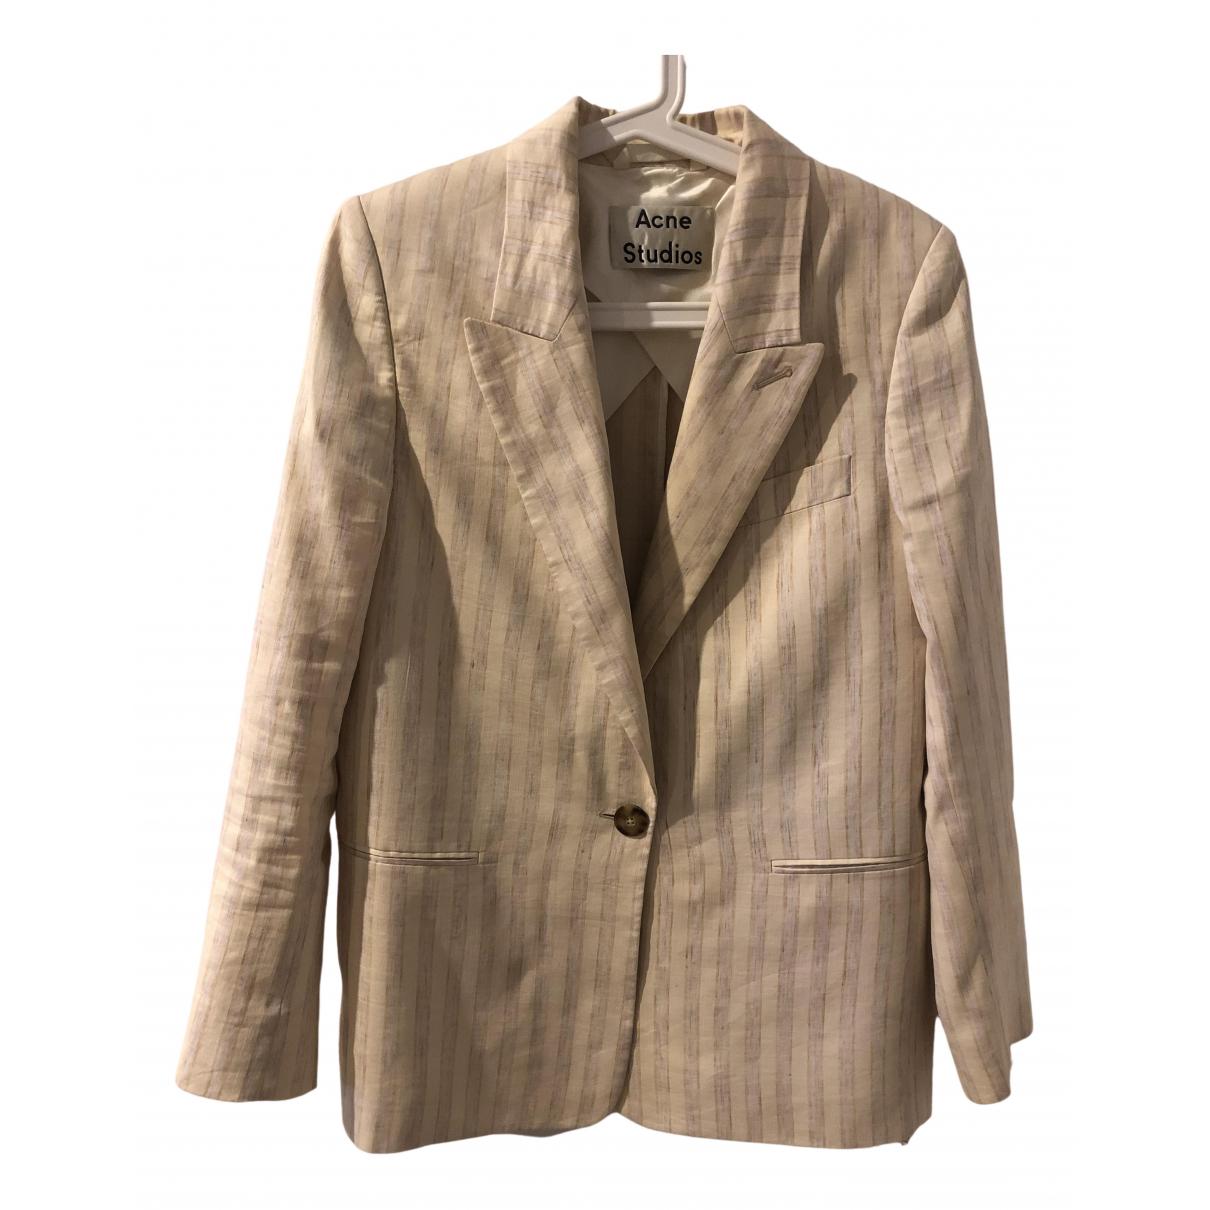 Acne Studios \N Beige Linen jacket for Women 32 FR